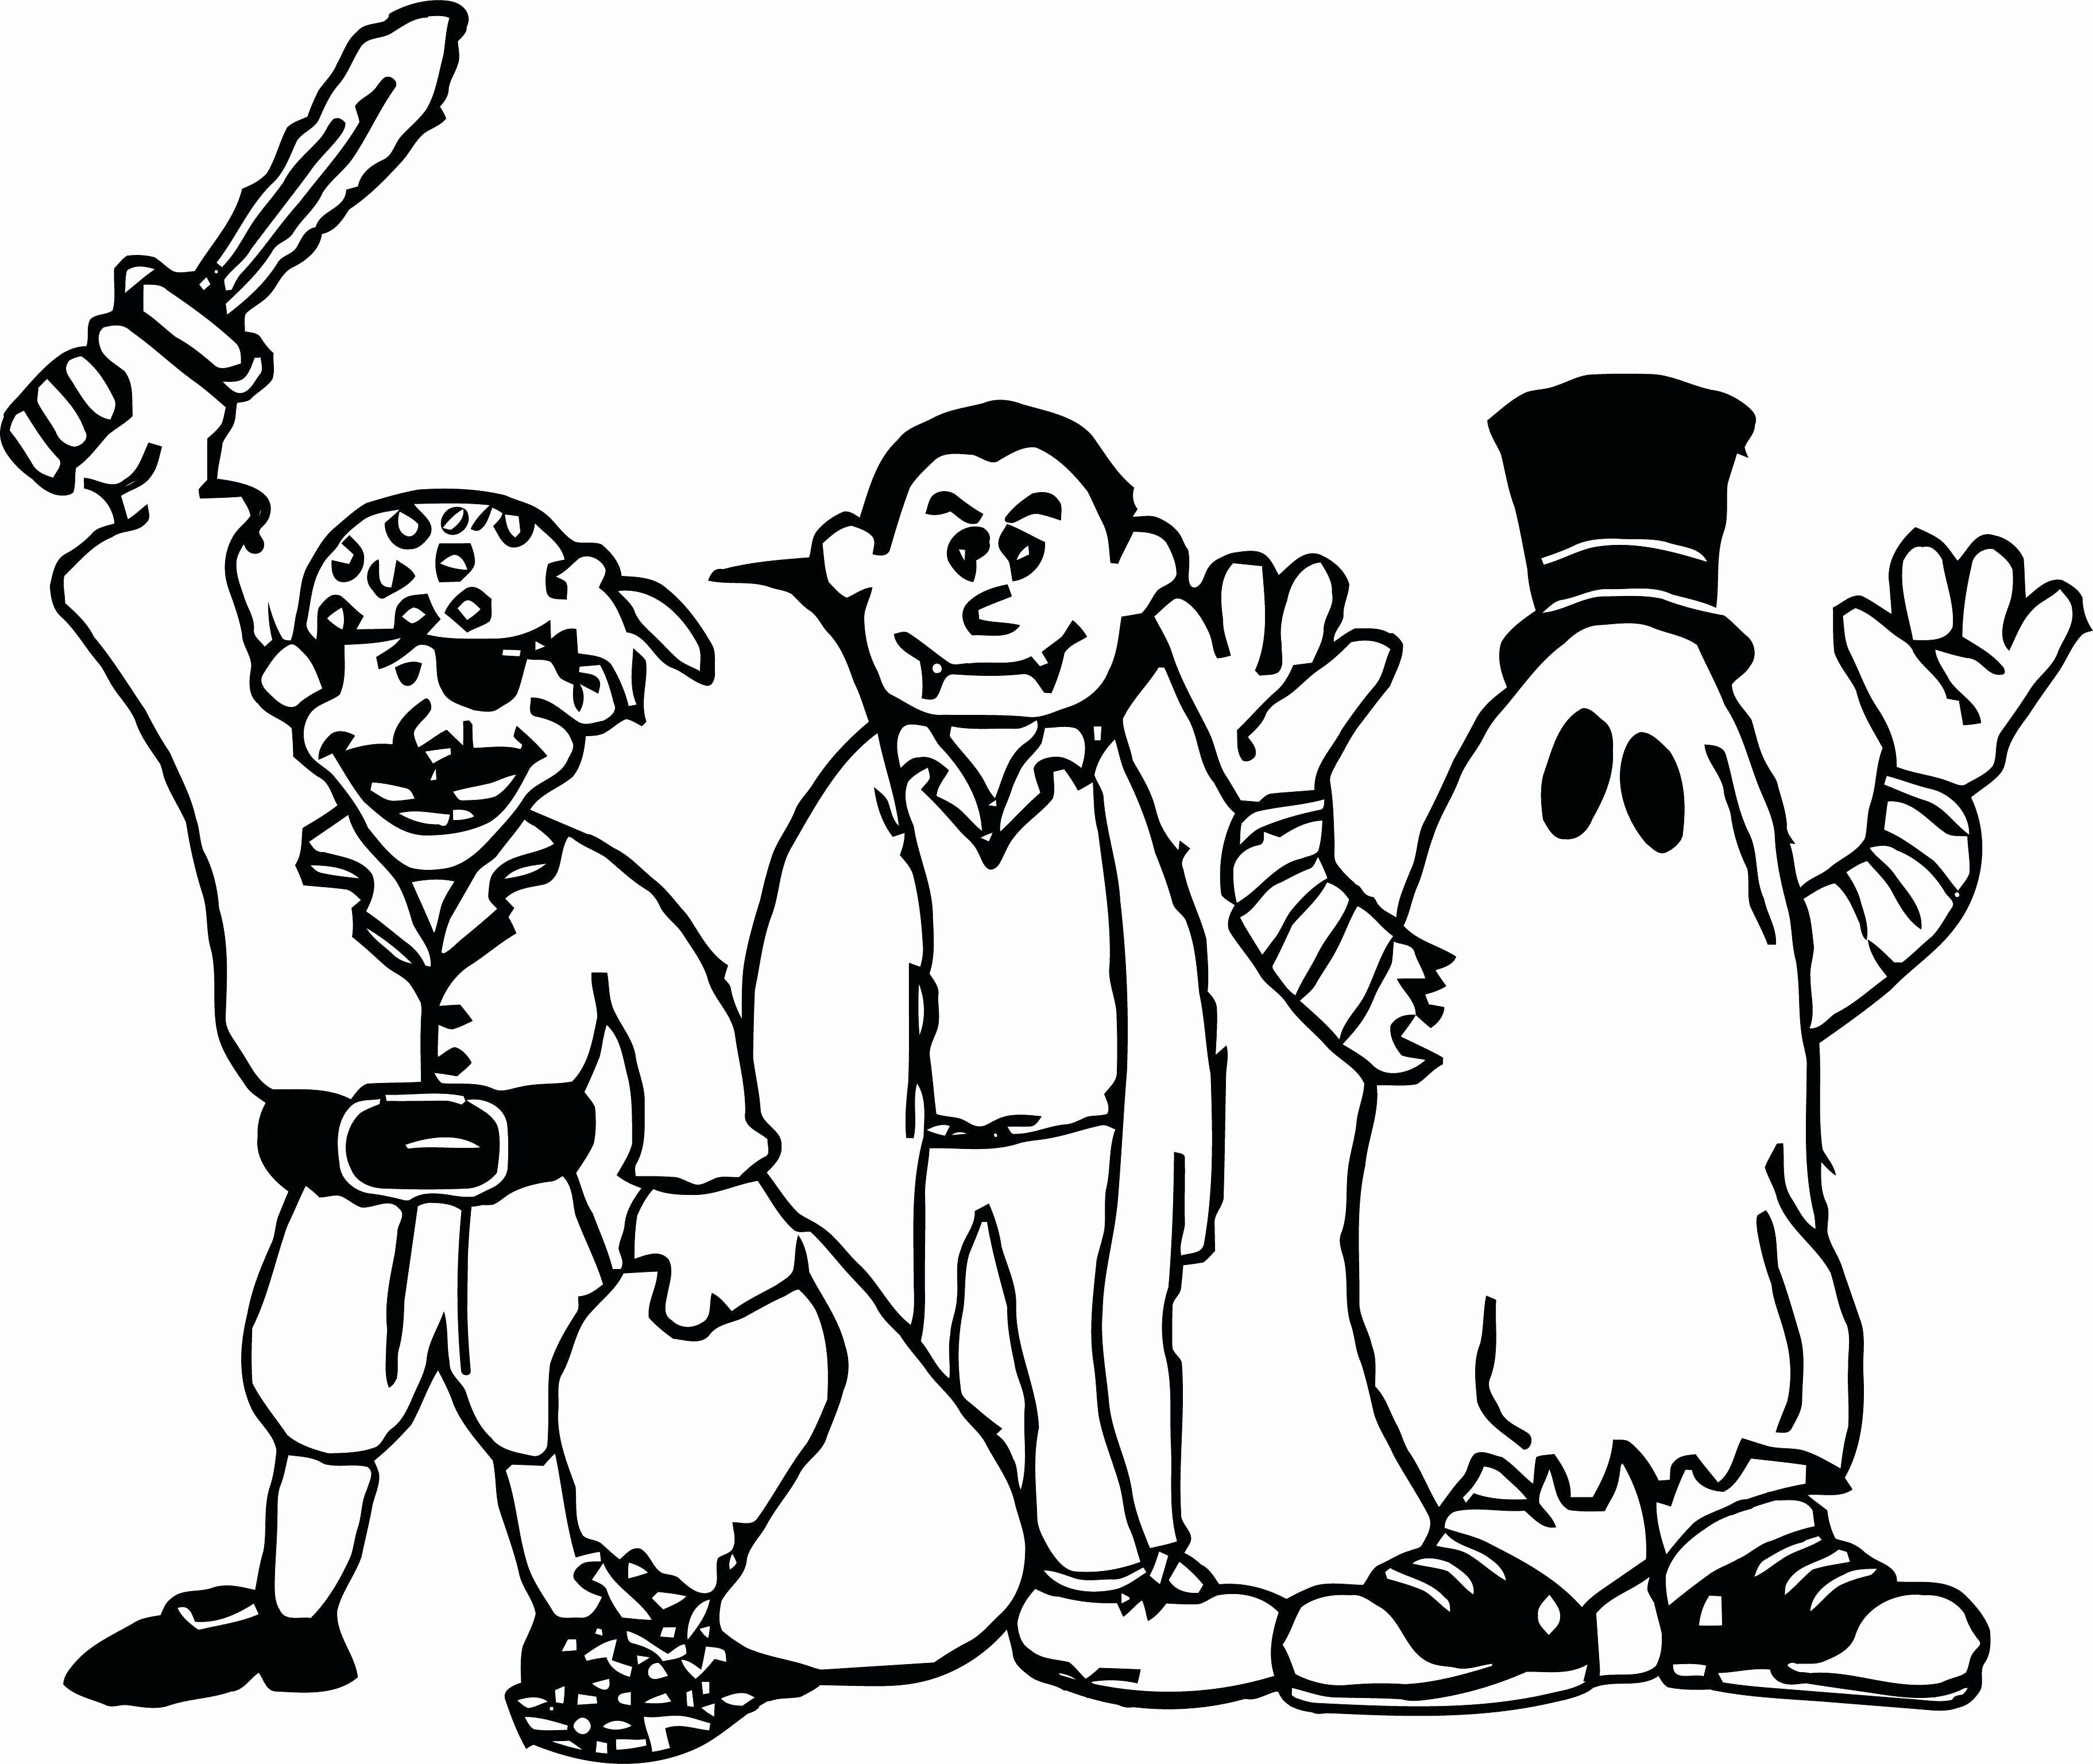 Scary Ghost Coloring Pages Di 2020 (Dengan Gambar